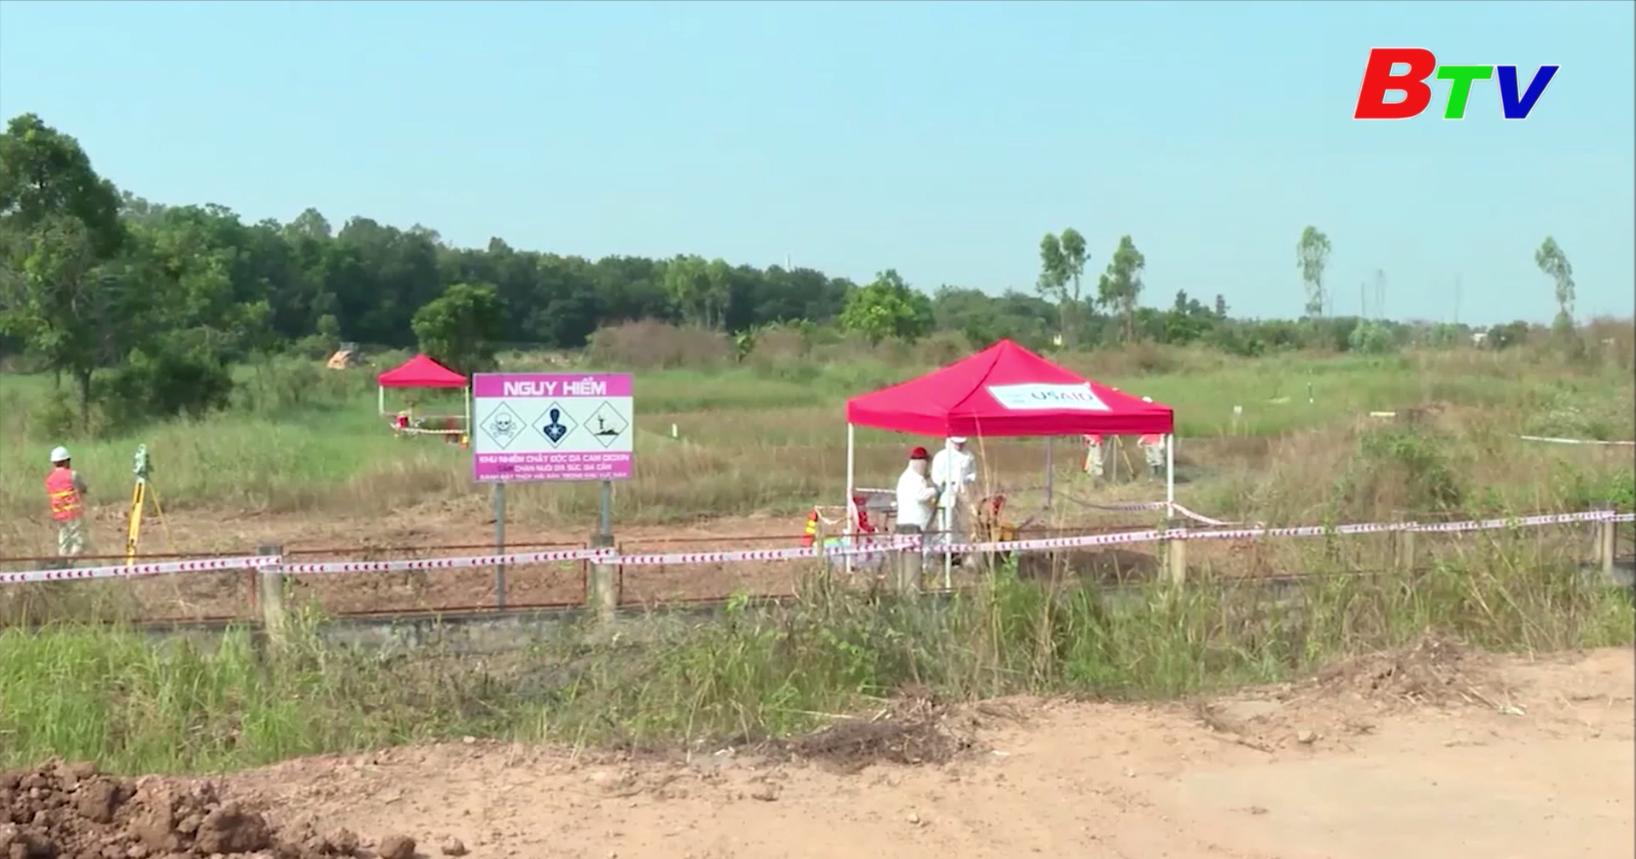 Hoàn thành xử lý Dioxin hồ Cổng 2 sân bay Biên Hòa, Đồng Nai